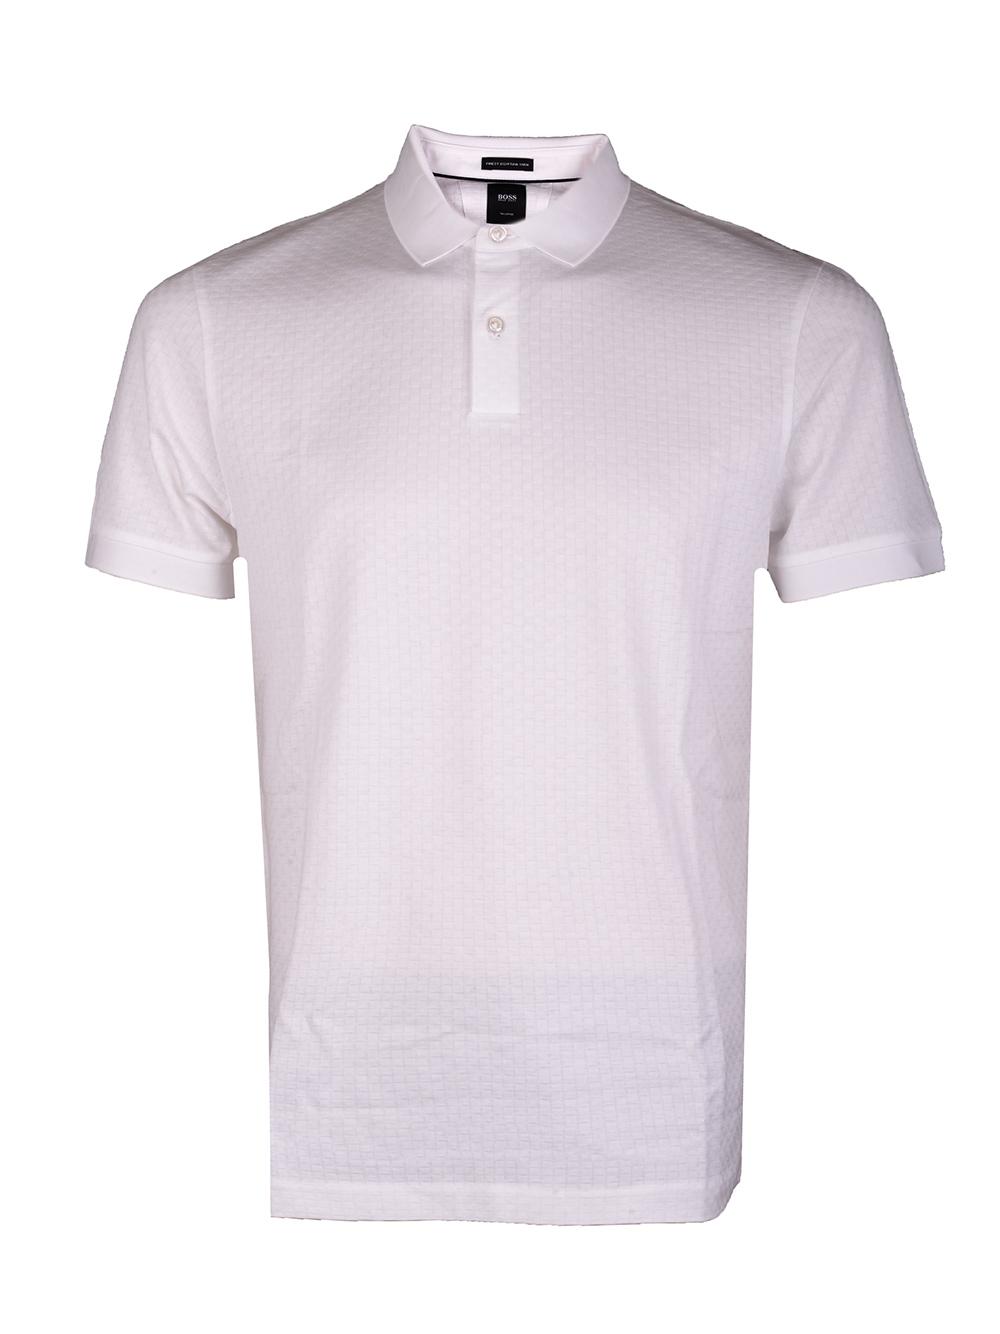 BOSS Μπλούζα Polo 50426970-100 ΛΕΥΚΟ